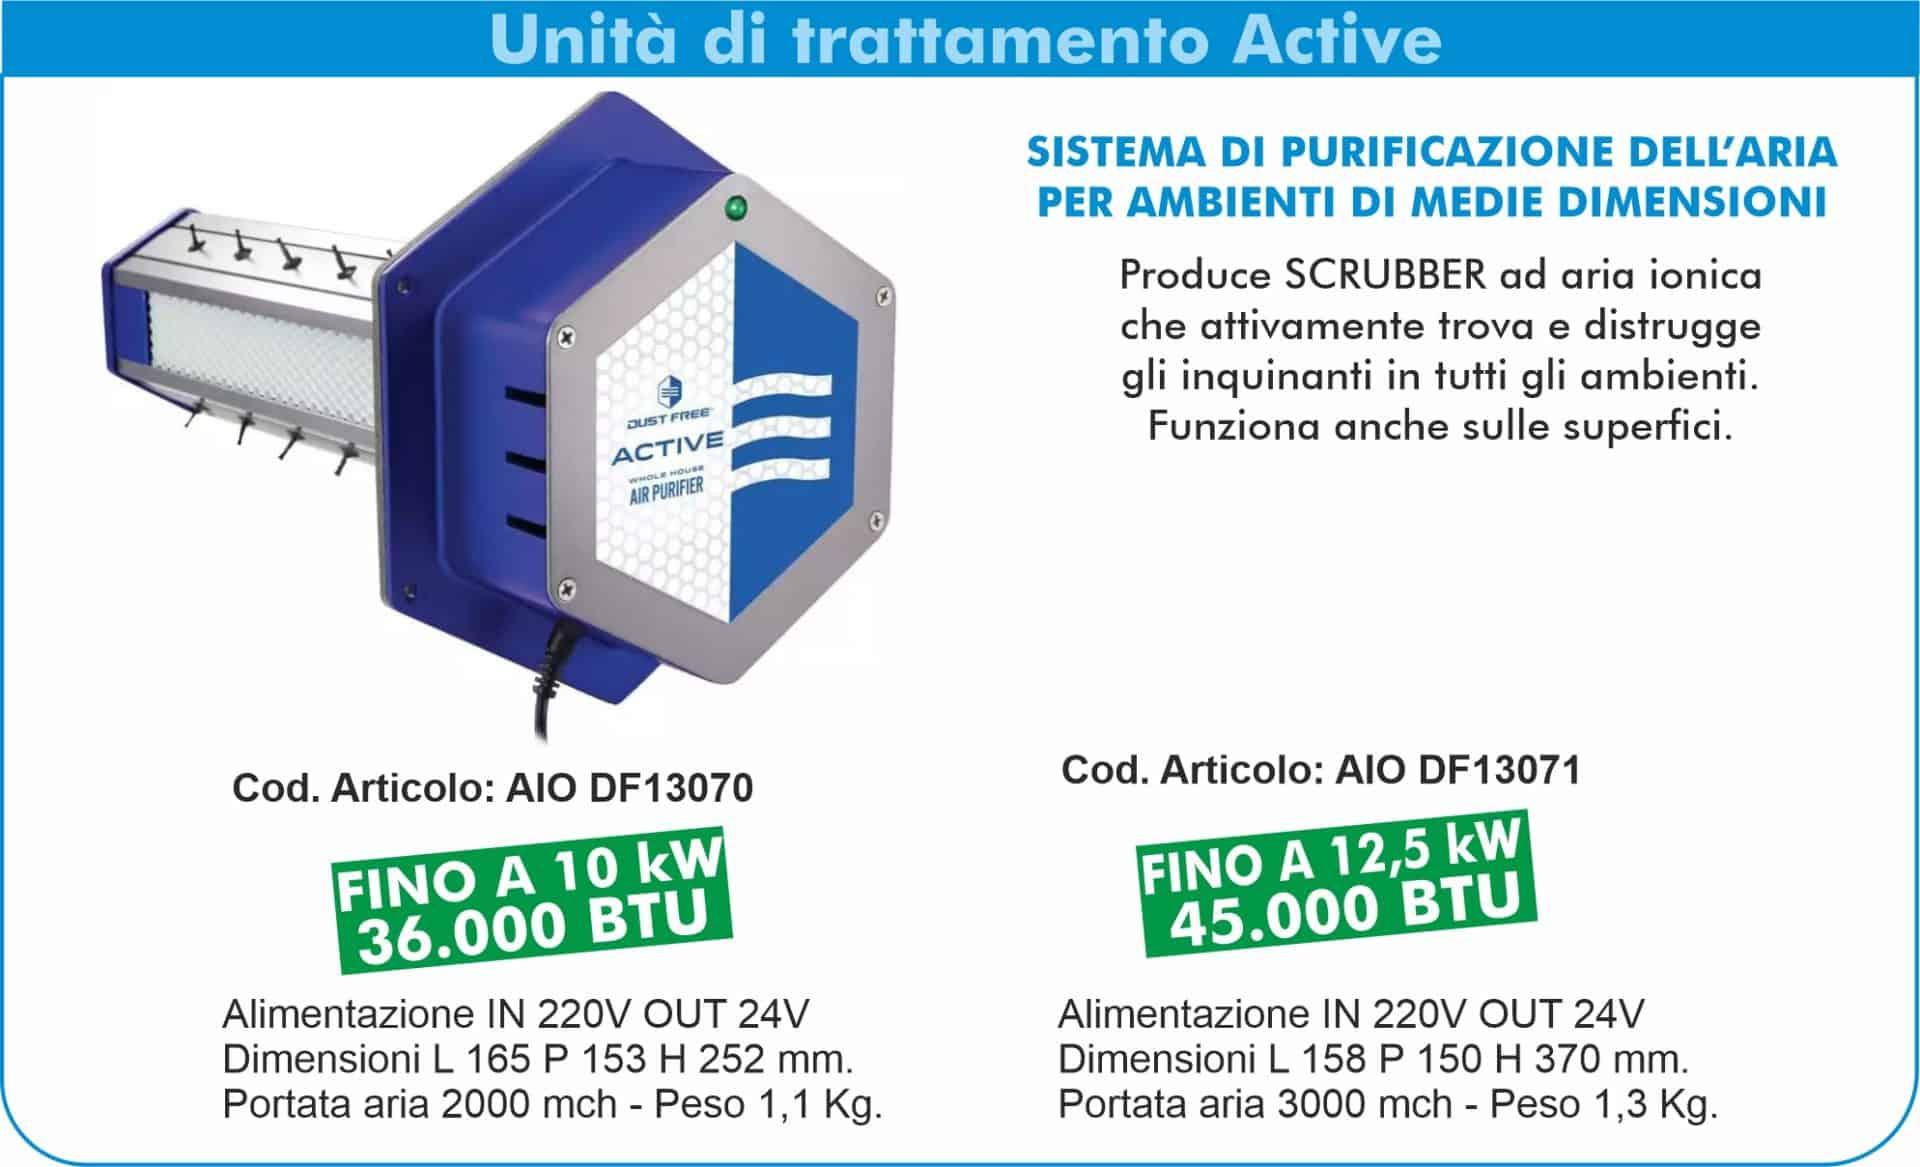 Sistemi di sanificazione attiva Dust Free   Elettrogruppo ZeroUno   TO   unità di trattamento active